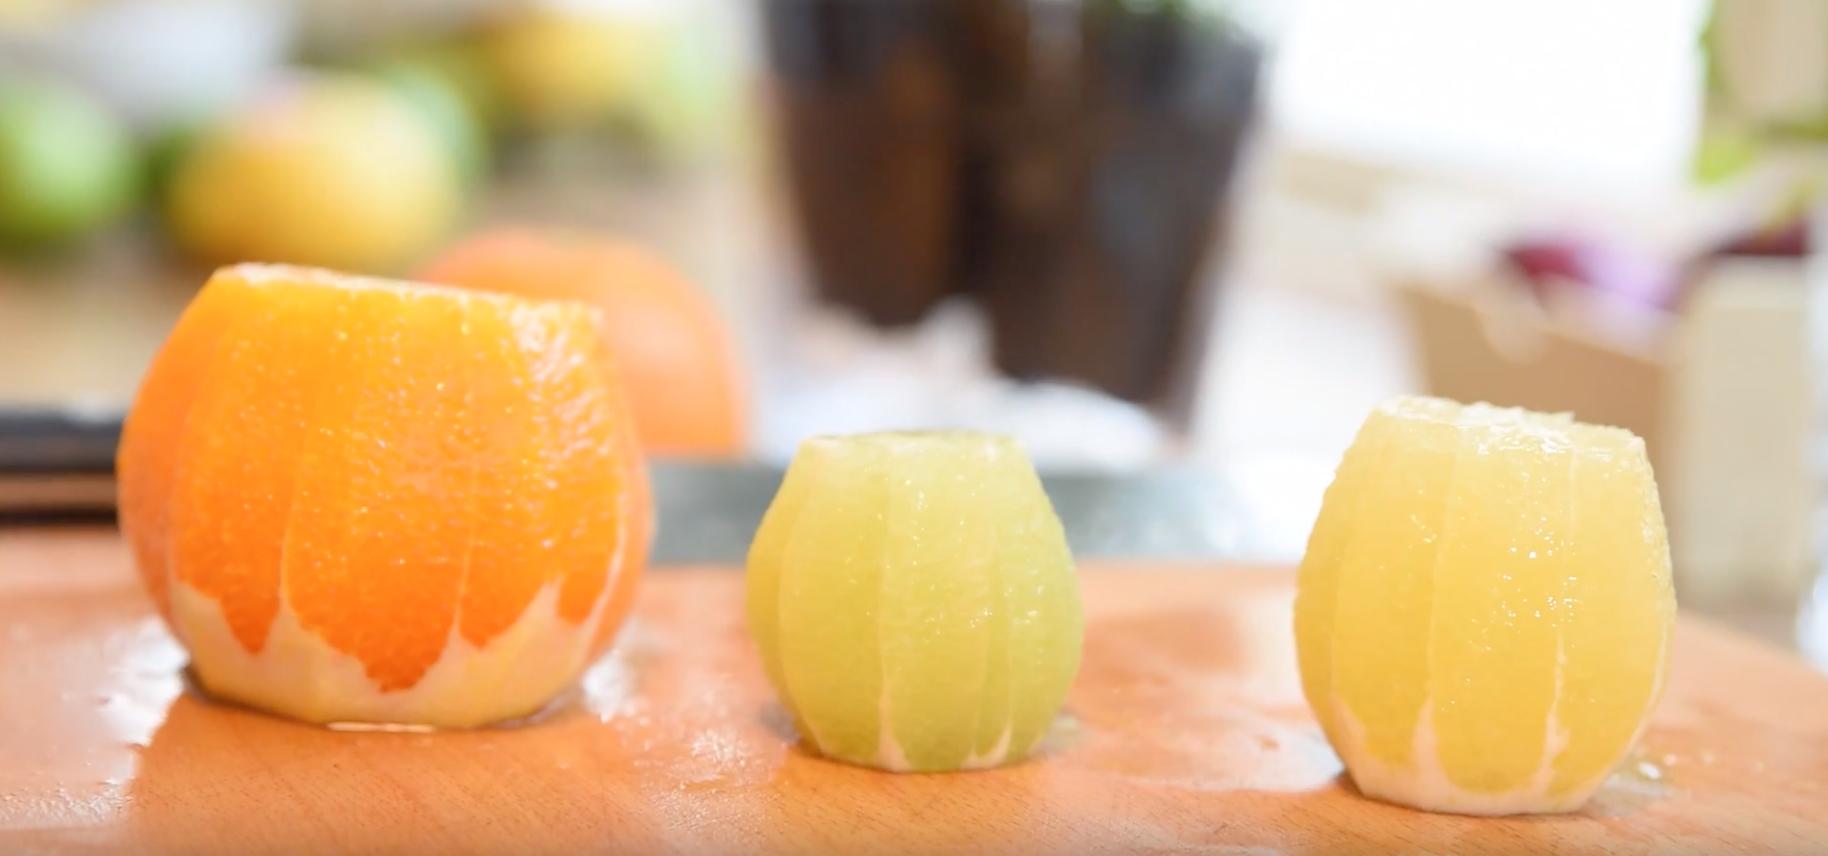 Video: Filea citrusfrukt